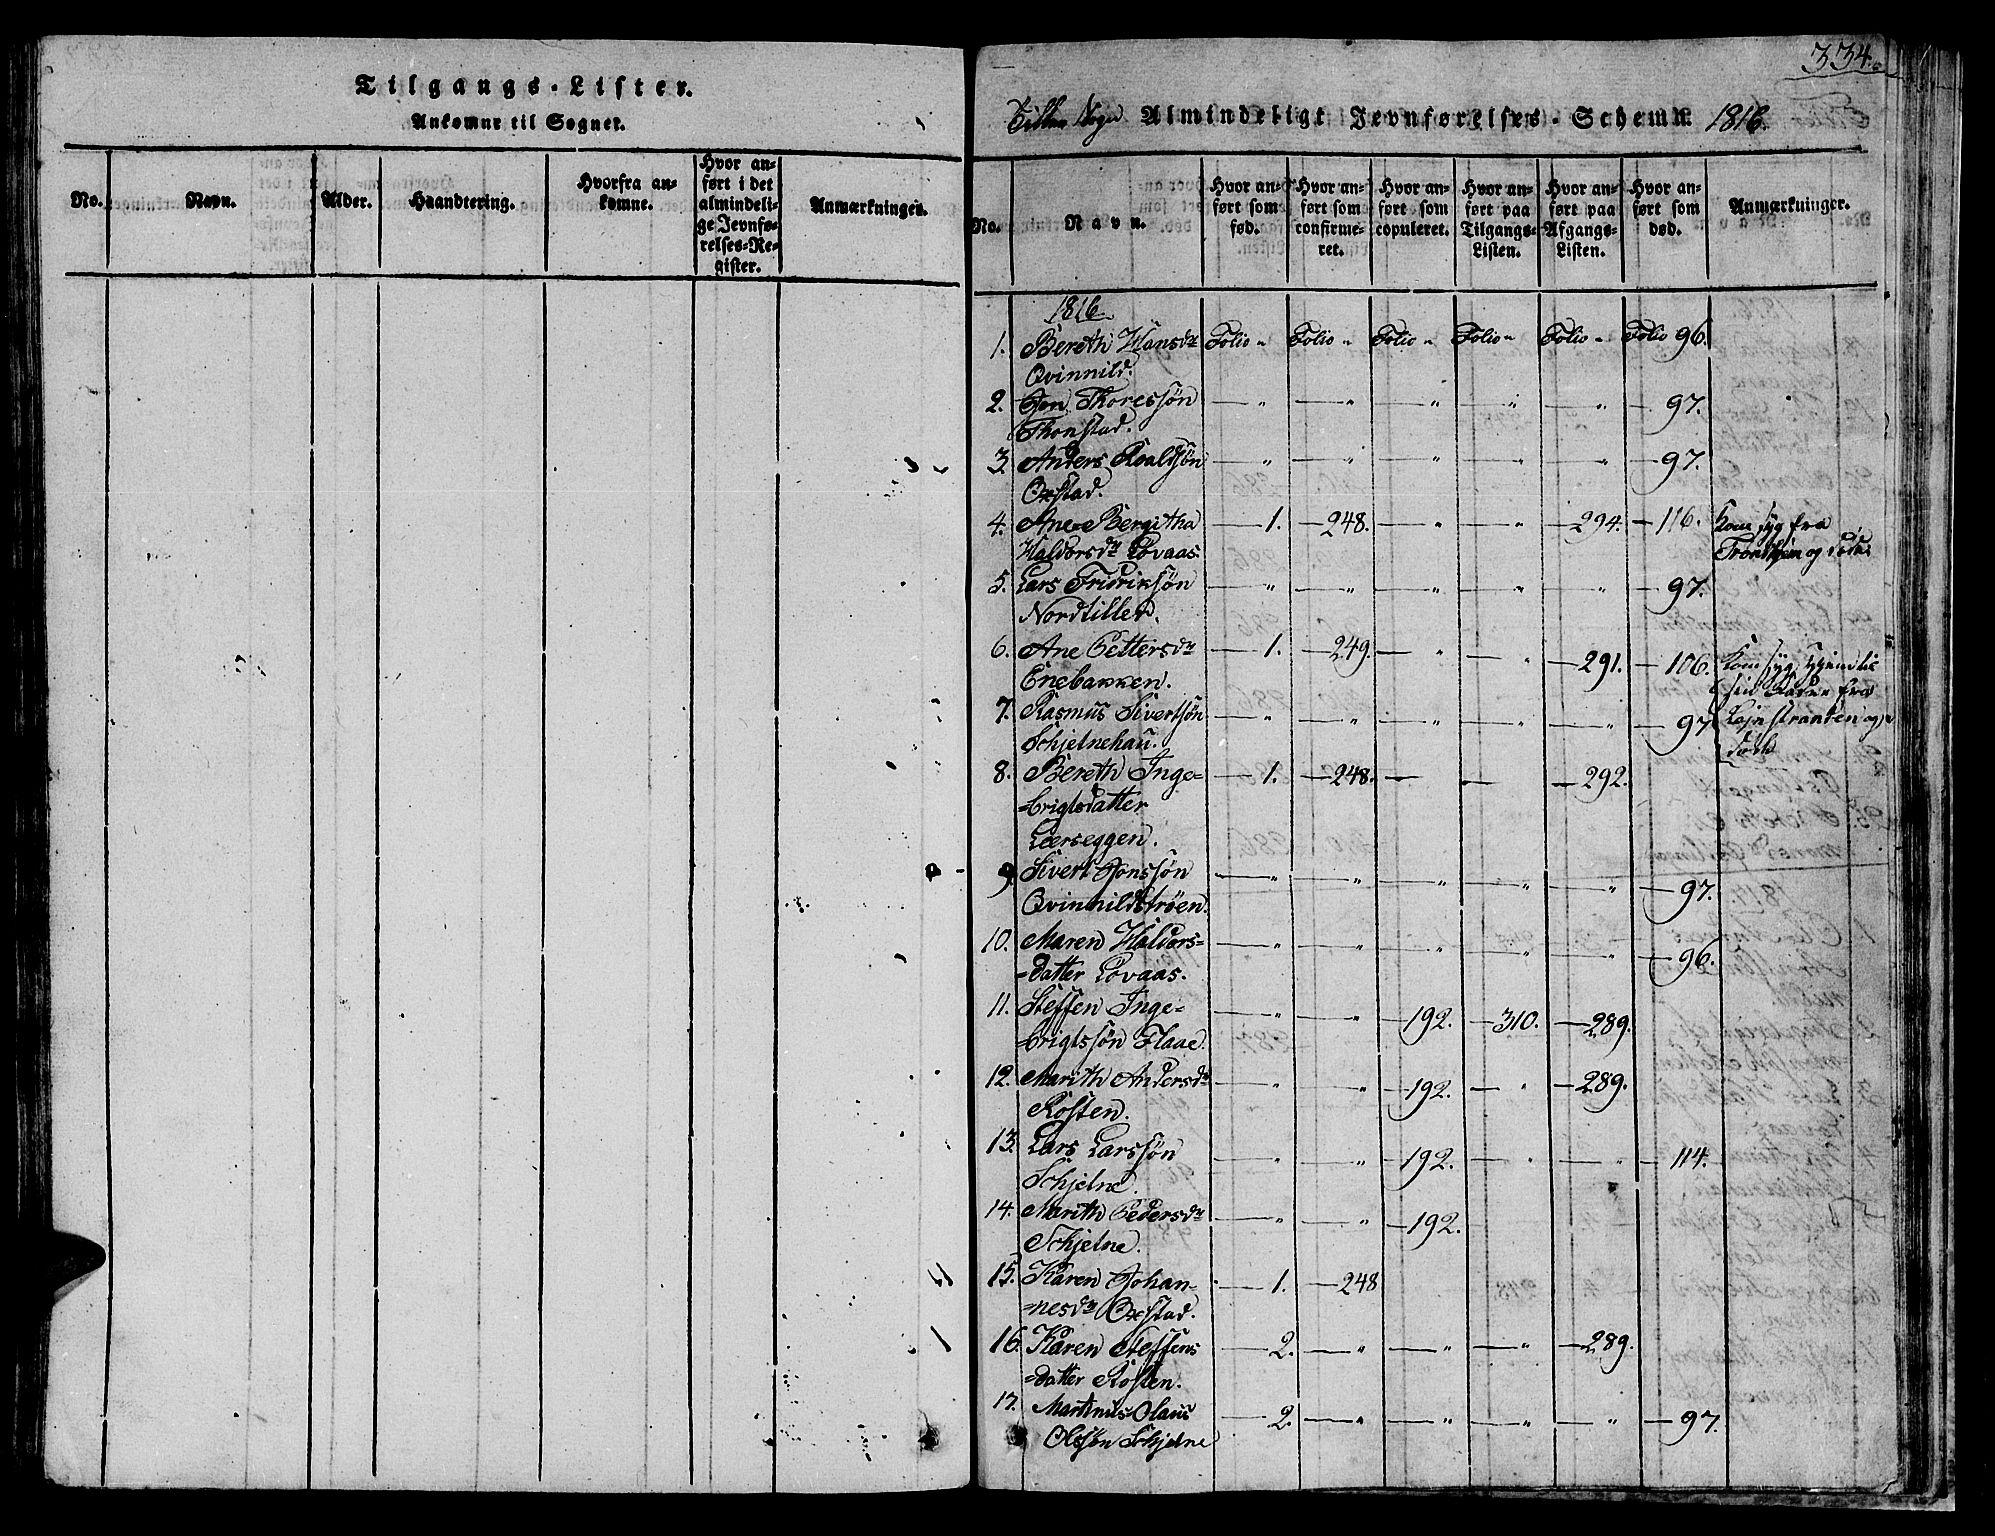 SAT, Ministerialprotokoller, klokkerbøker og fødselsregistre - Sør-Trøndelag, 621/L0458: Klokkerbok nr. 621C01, 1816-1865, s. 334